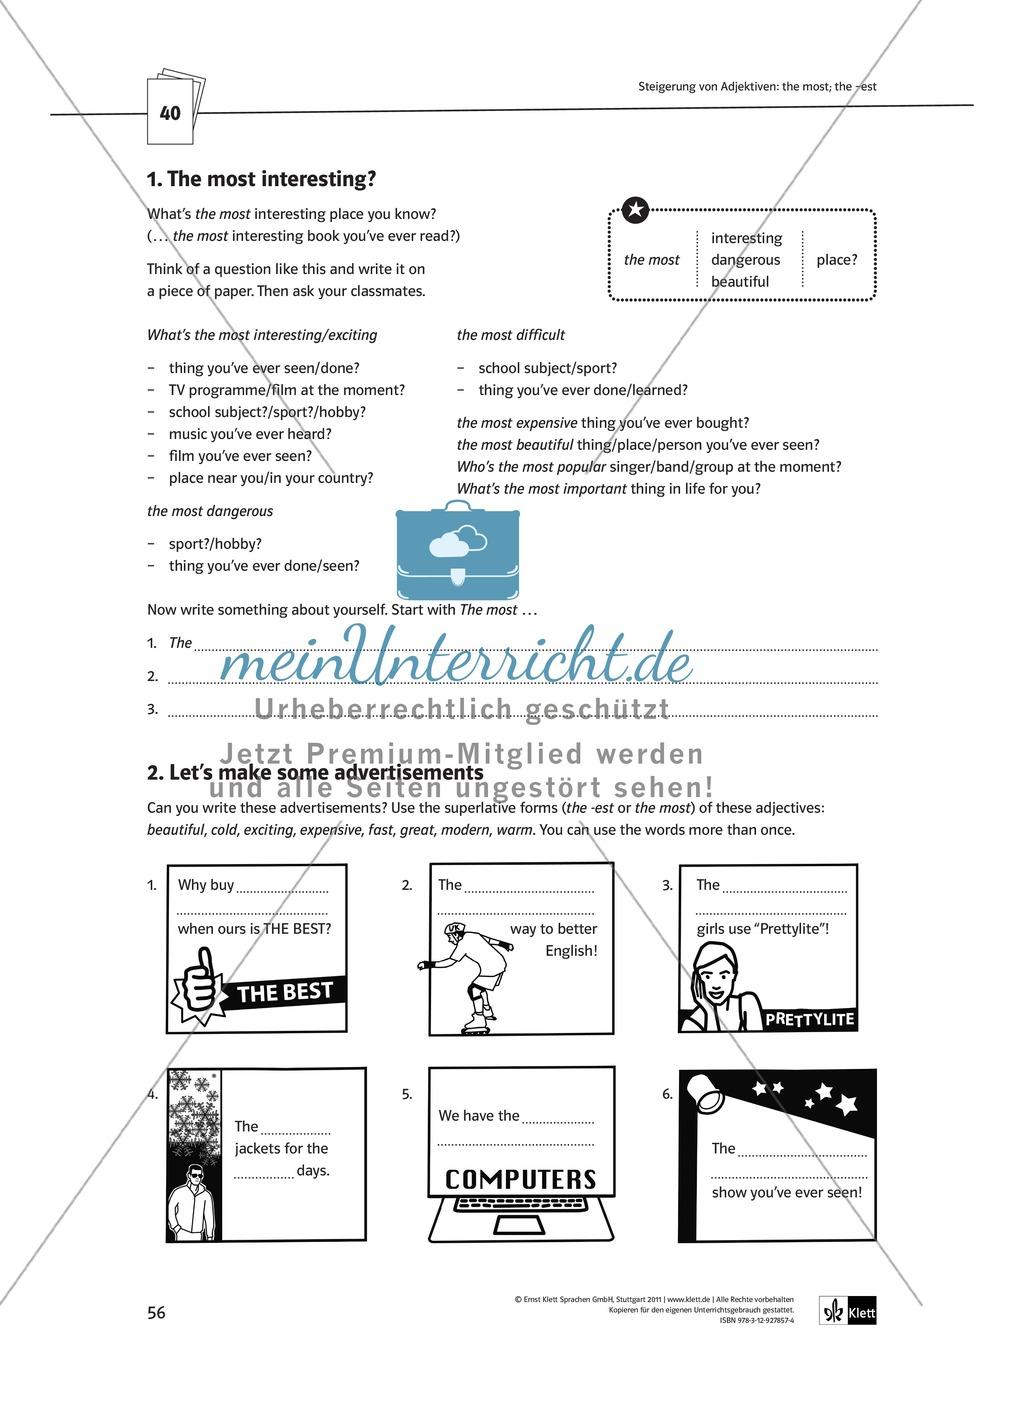 Arbeitsblätter für einen kommunikativen Grammatikunterricht: Steigerung von Adjektiven Preview 3